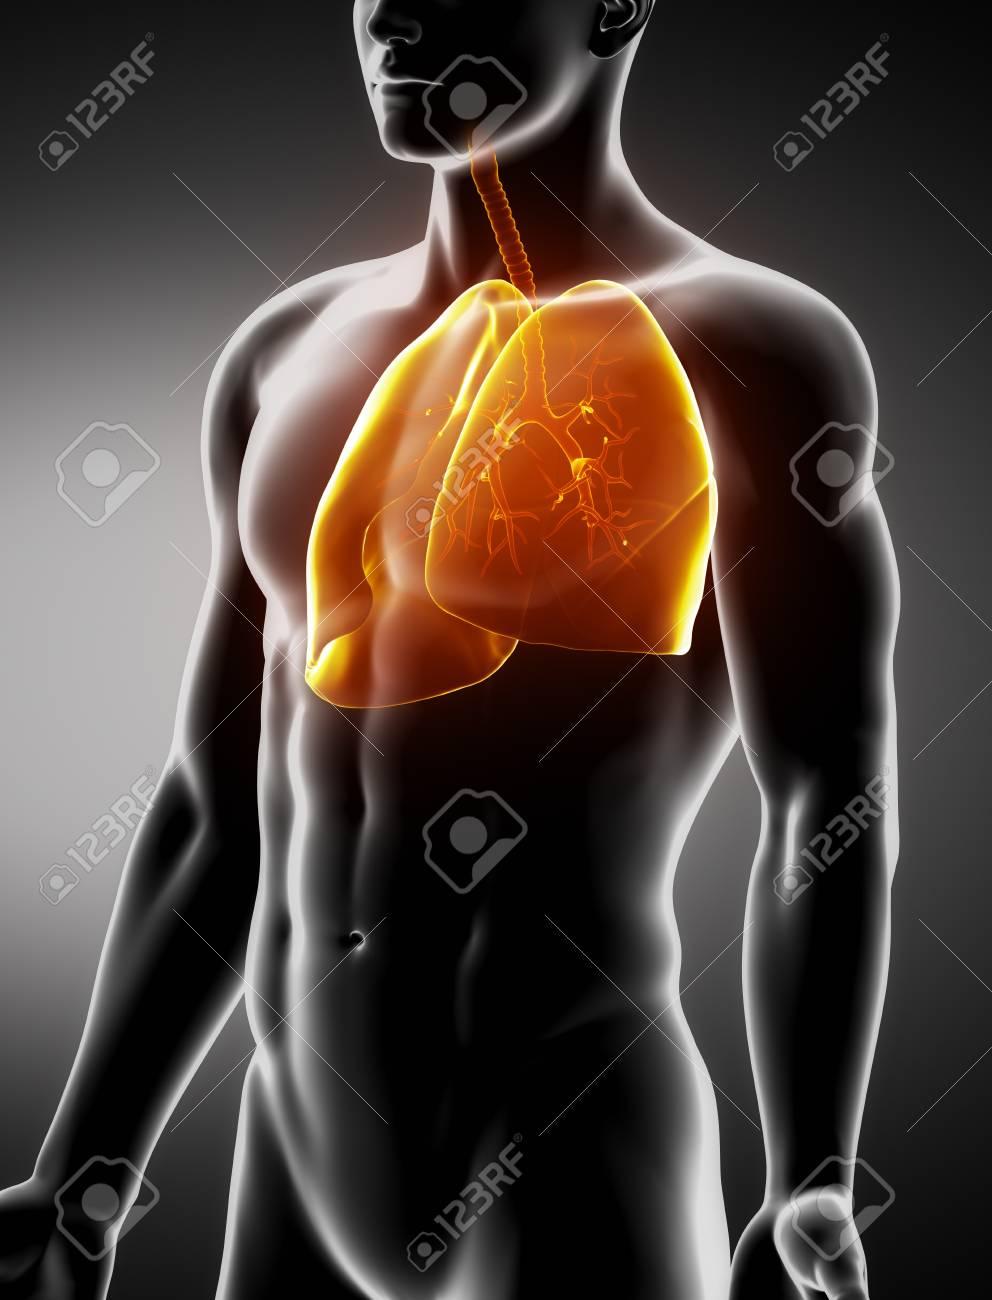 Los Pulmones Y Anatomía Anterior Visión De Rayos X Macho Tráquea ...